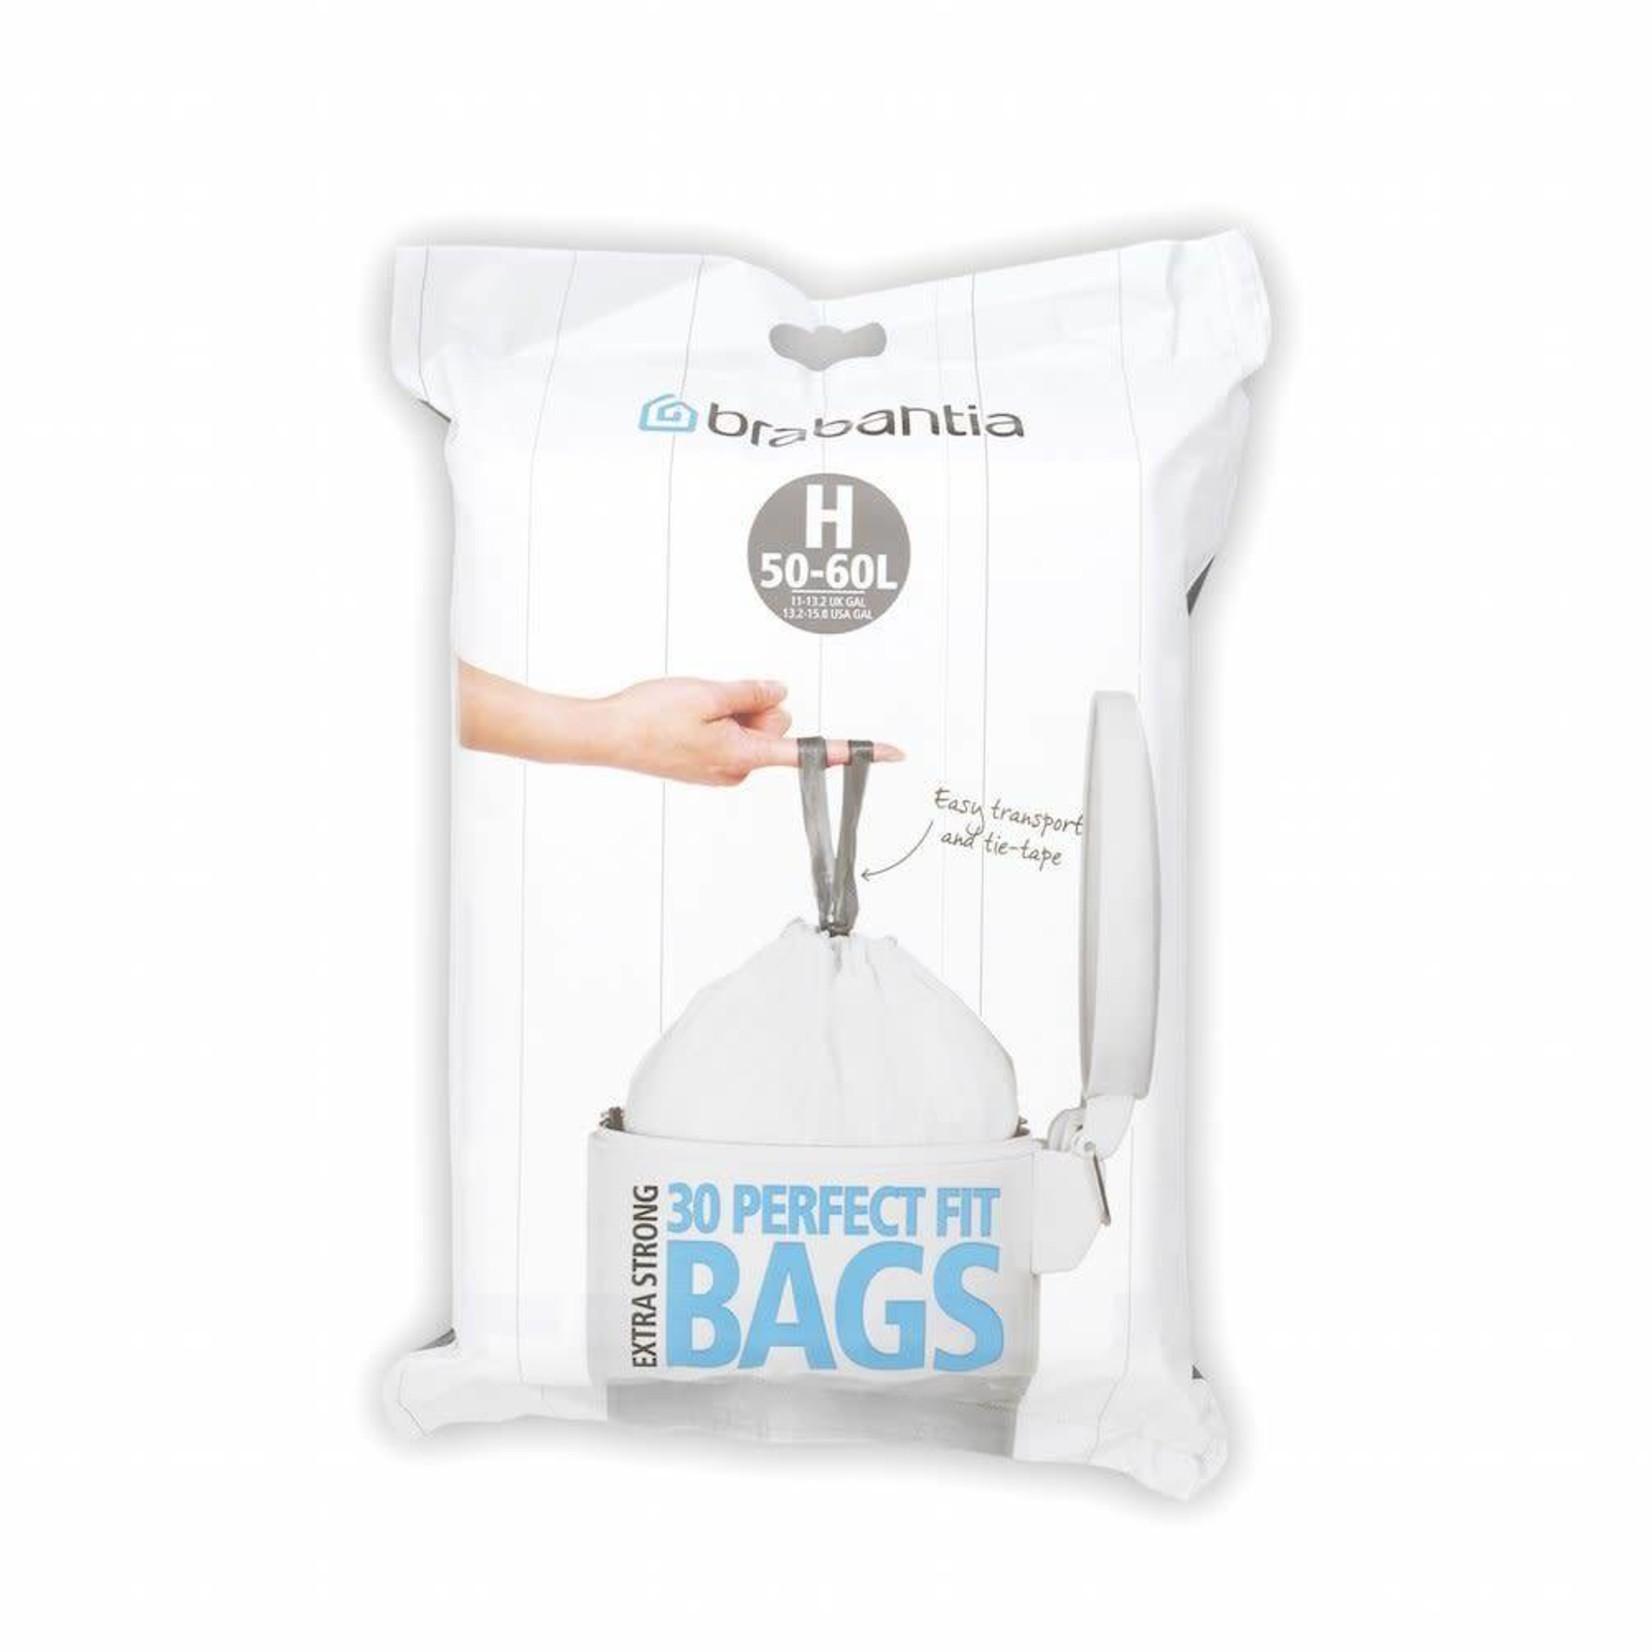 Brabantia BRABANTIA PERFECTFIT BAGS H, 50-60L [DISPENSER PACK 30 BAGS]